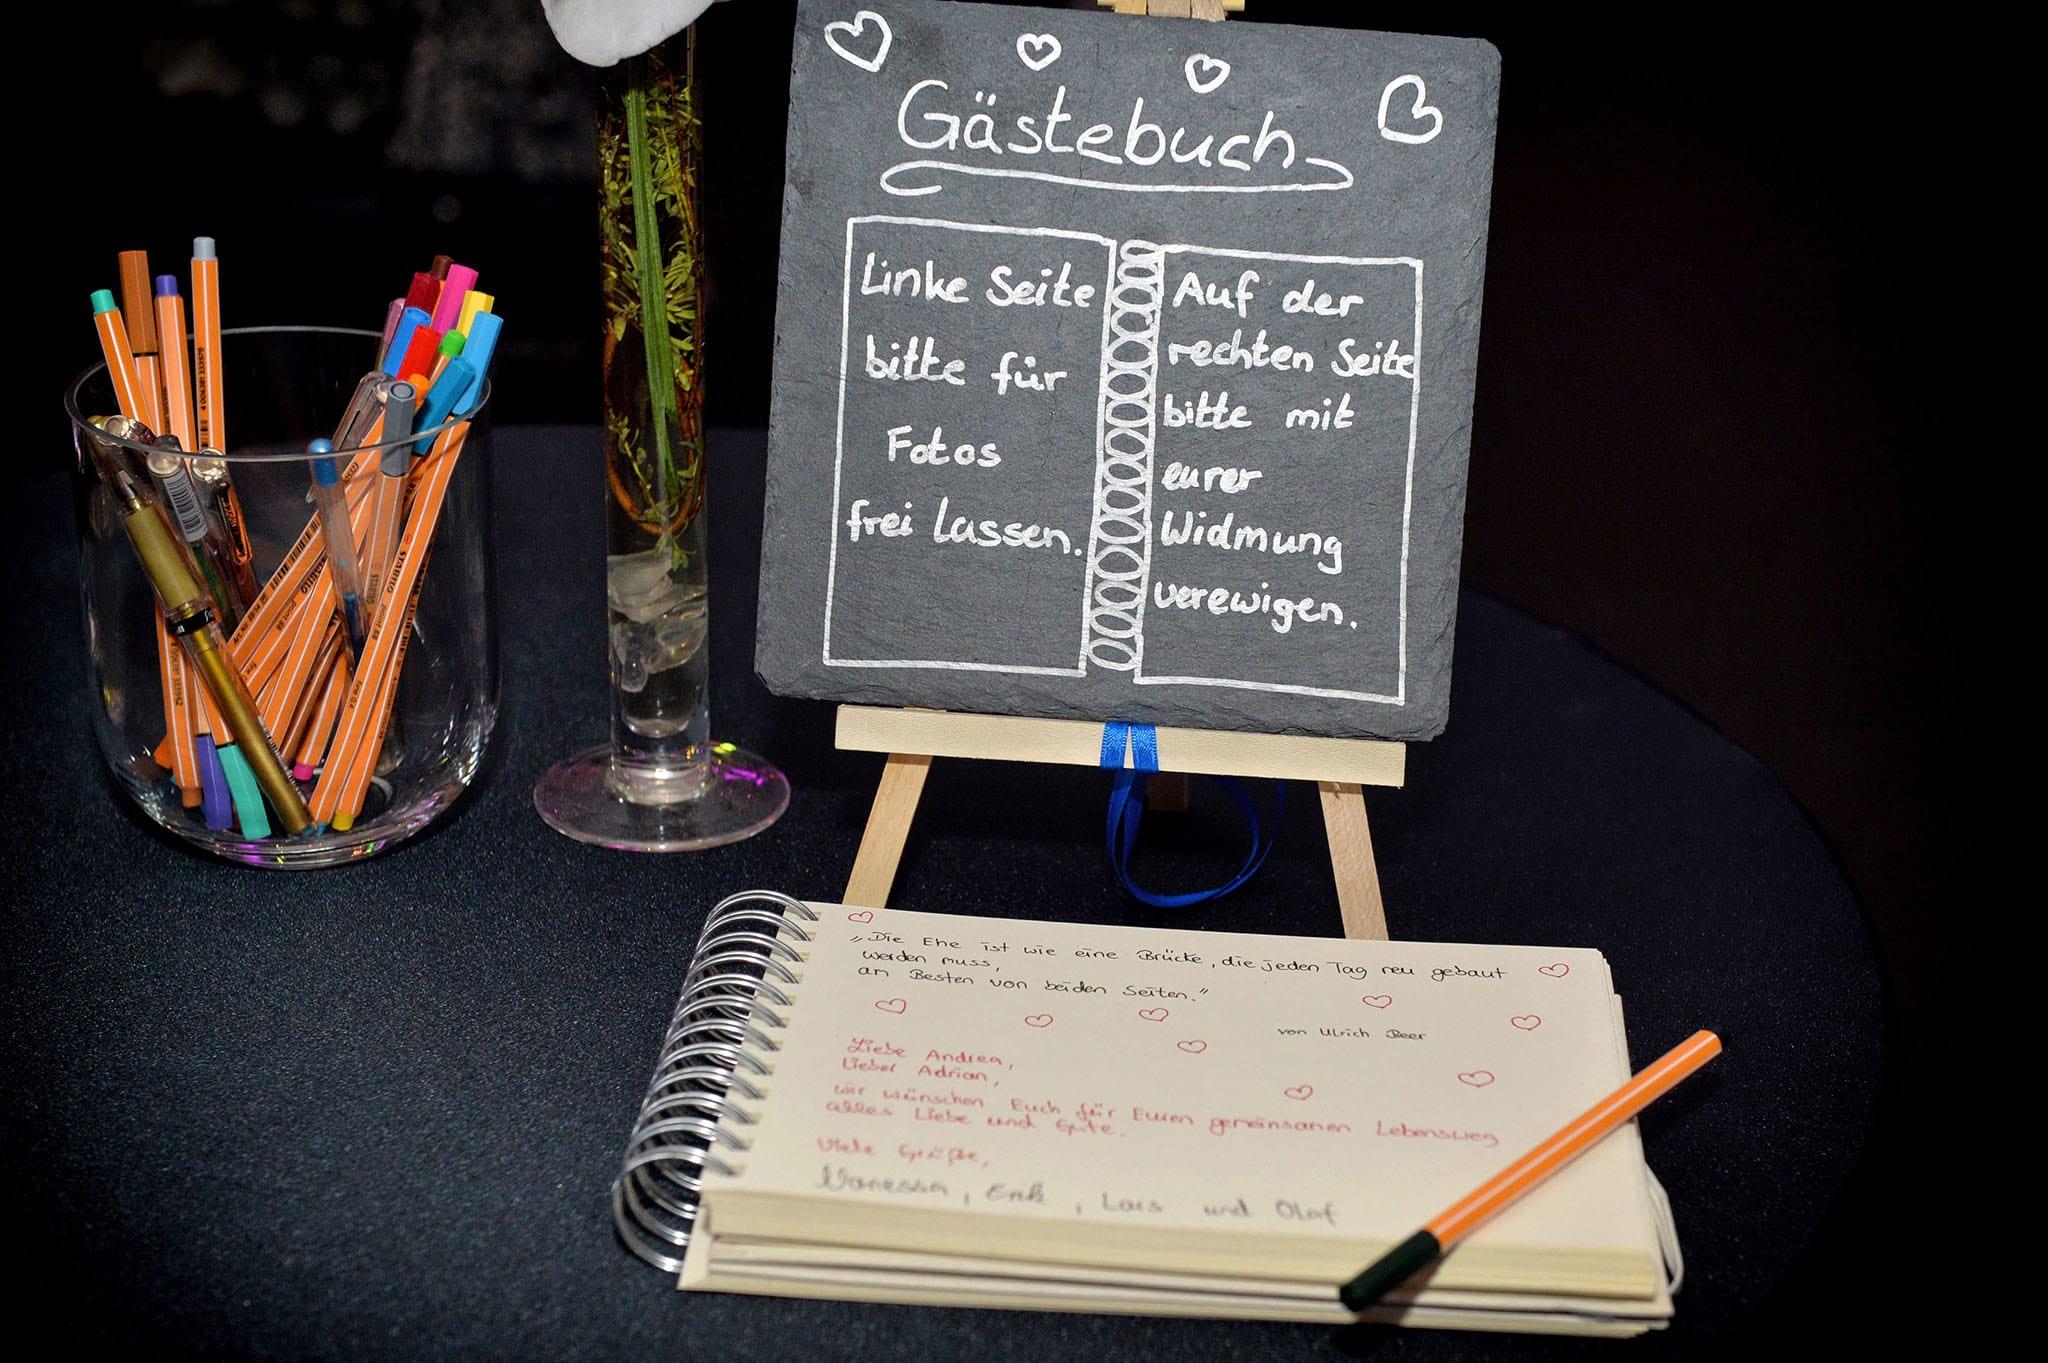 Hochzeit 060 Hochzeit Hochzeitsfeier Hochzeitsfoto Hochzeitsbuch Hochzeitsfotografie Daniel Fuss Fotografie